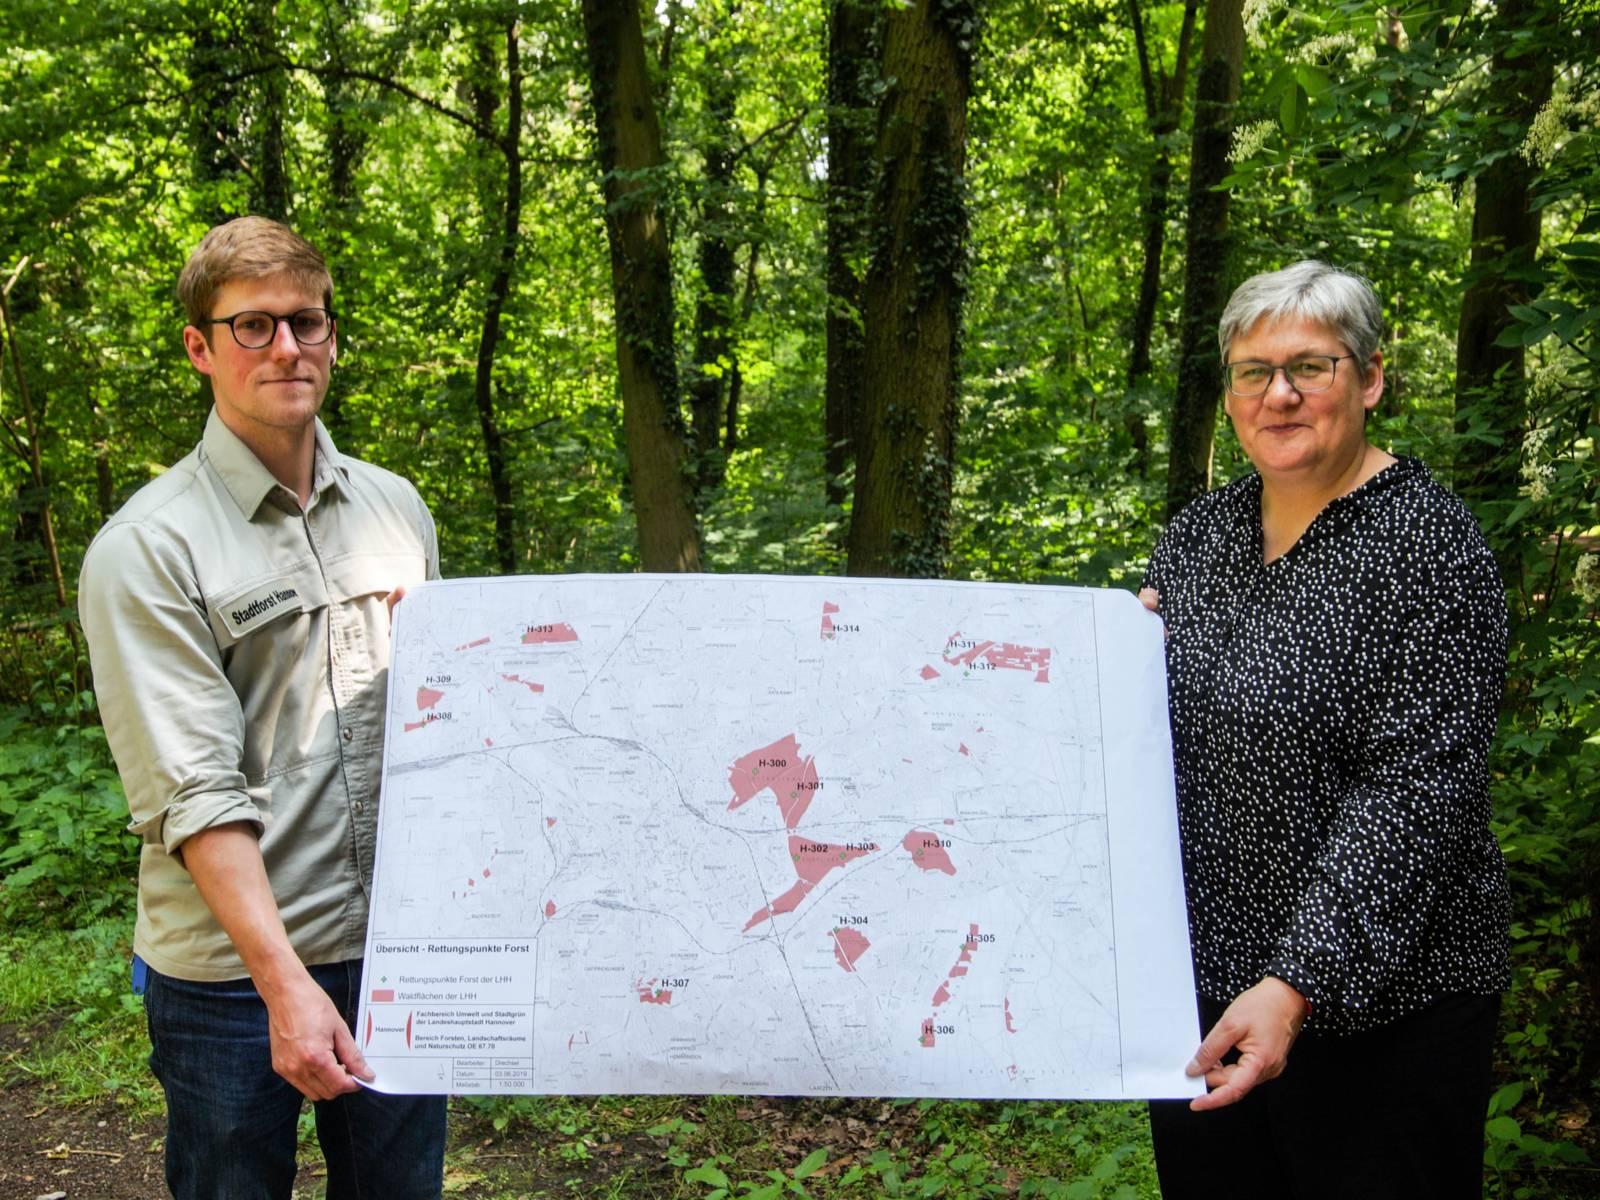 Ein Mann und eine Frau mit einer Karte im Wald.